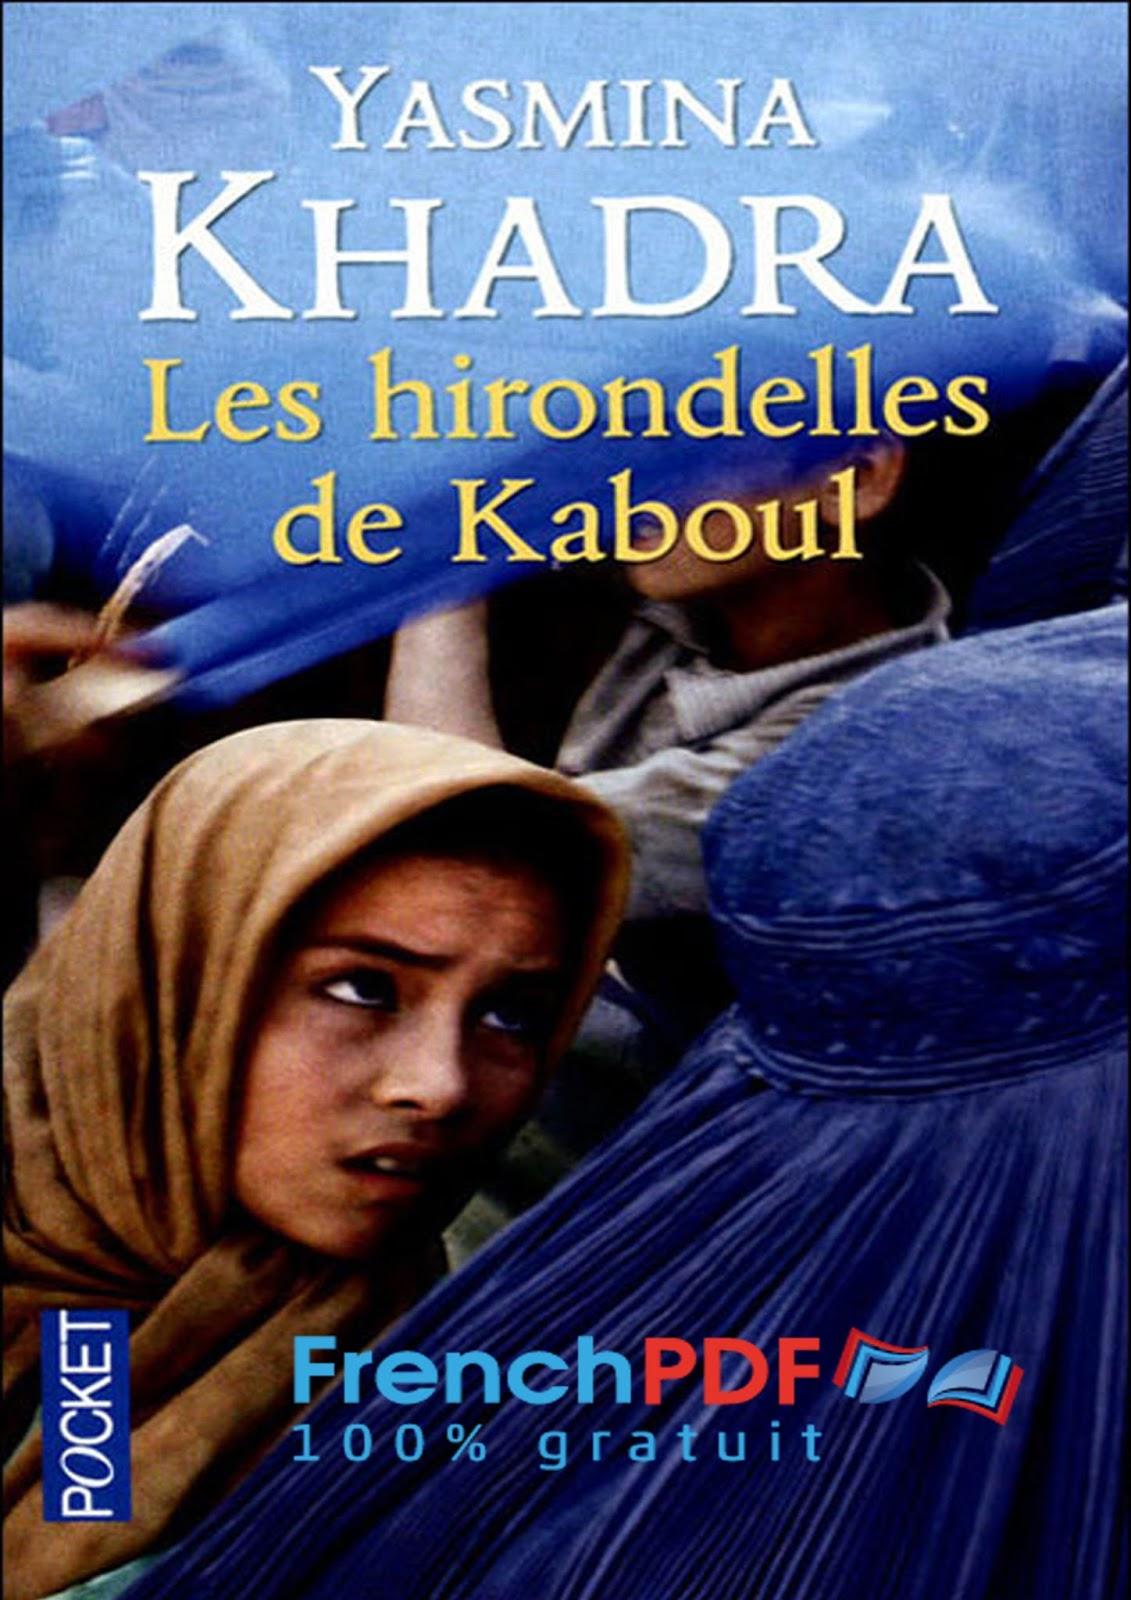 Les Hirondelles De Kaboul Par Yasmina Khadra Pdf Gratuit